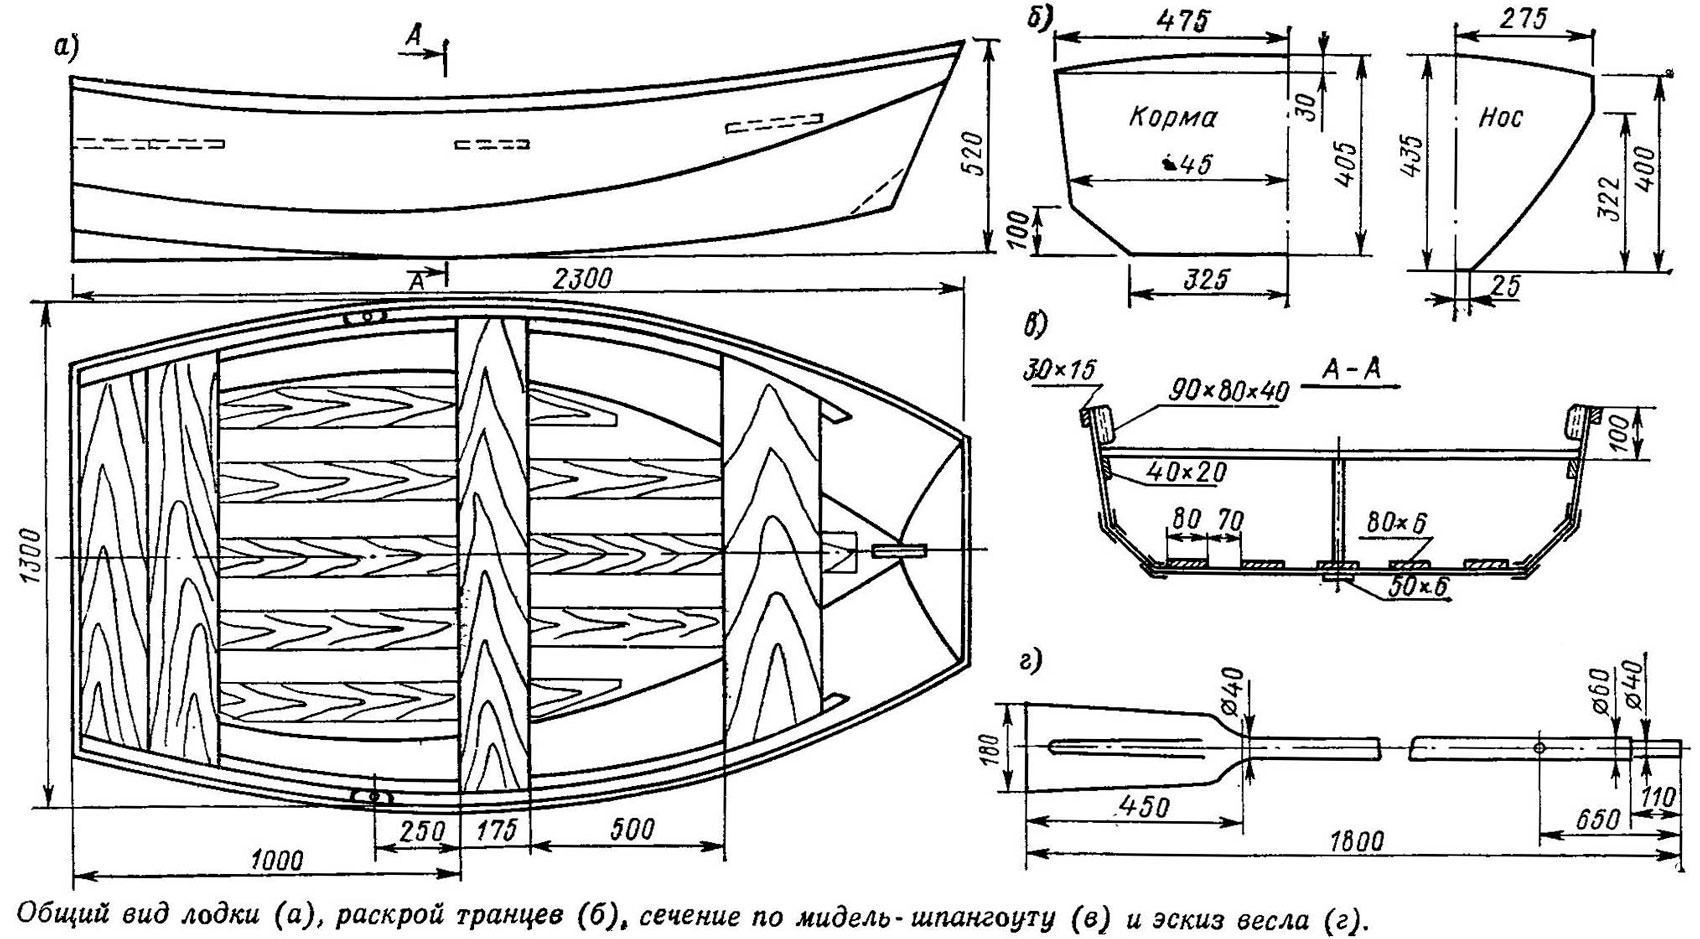 изготовление лодки своими руками чертеж